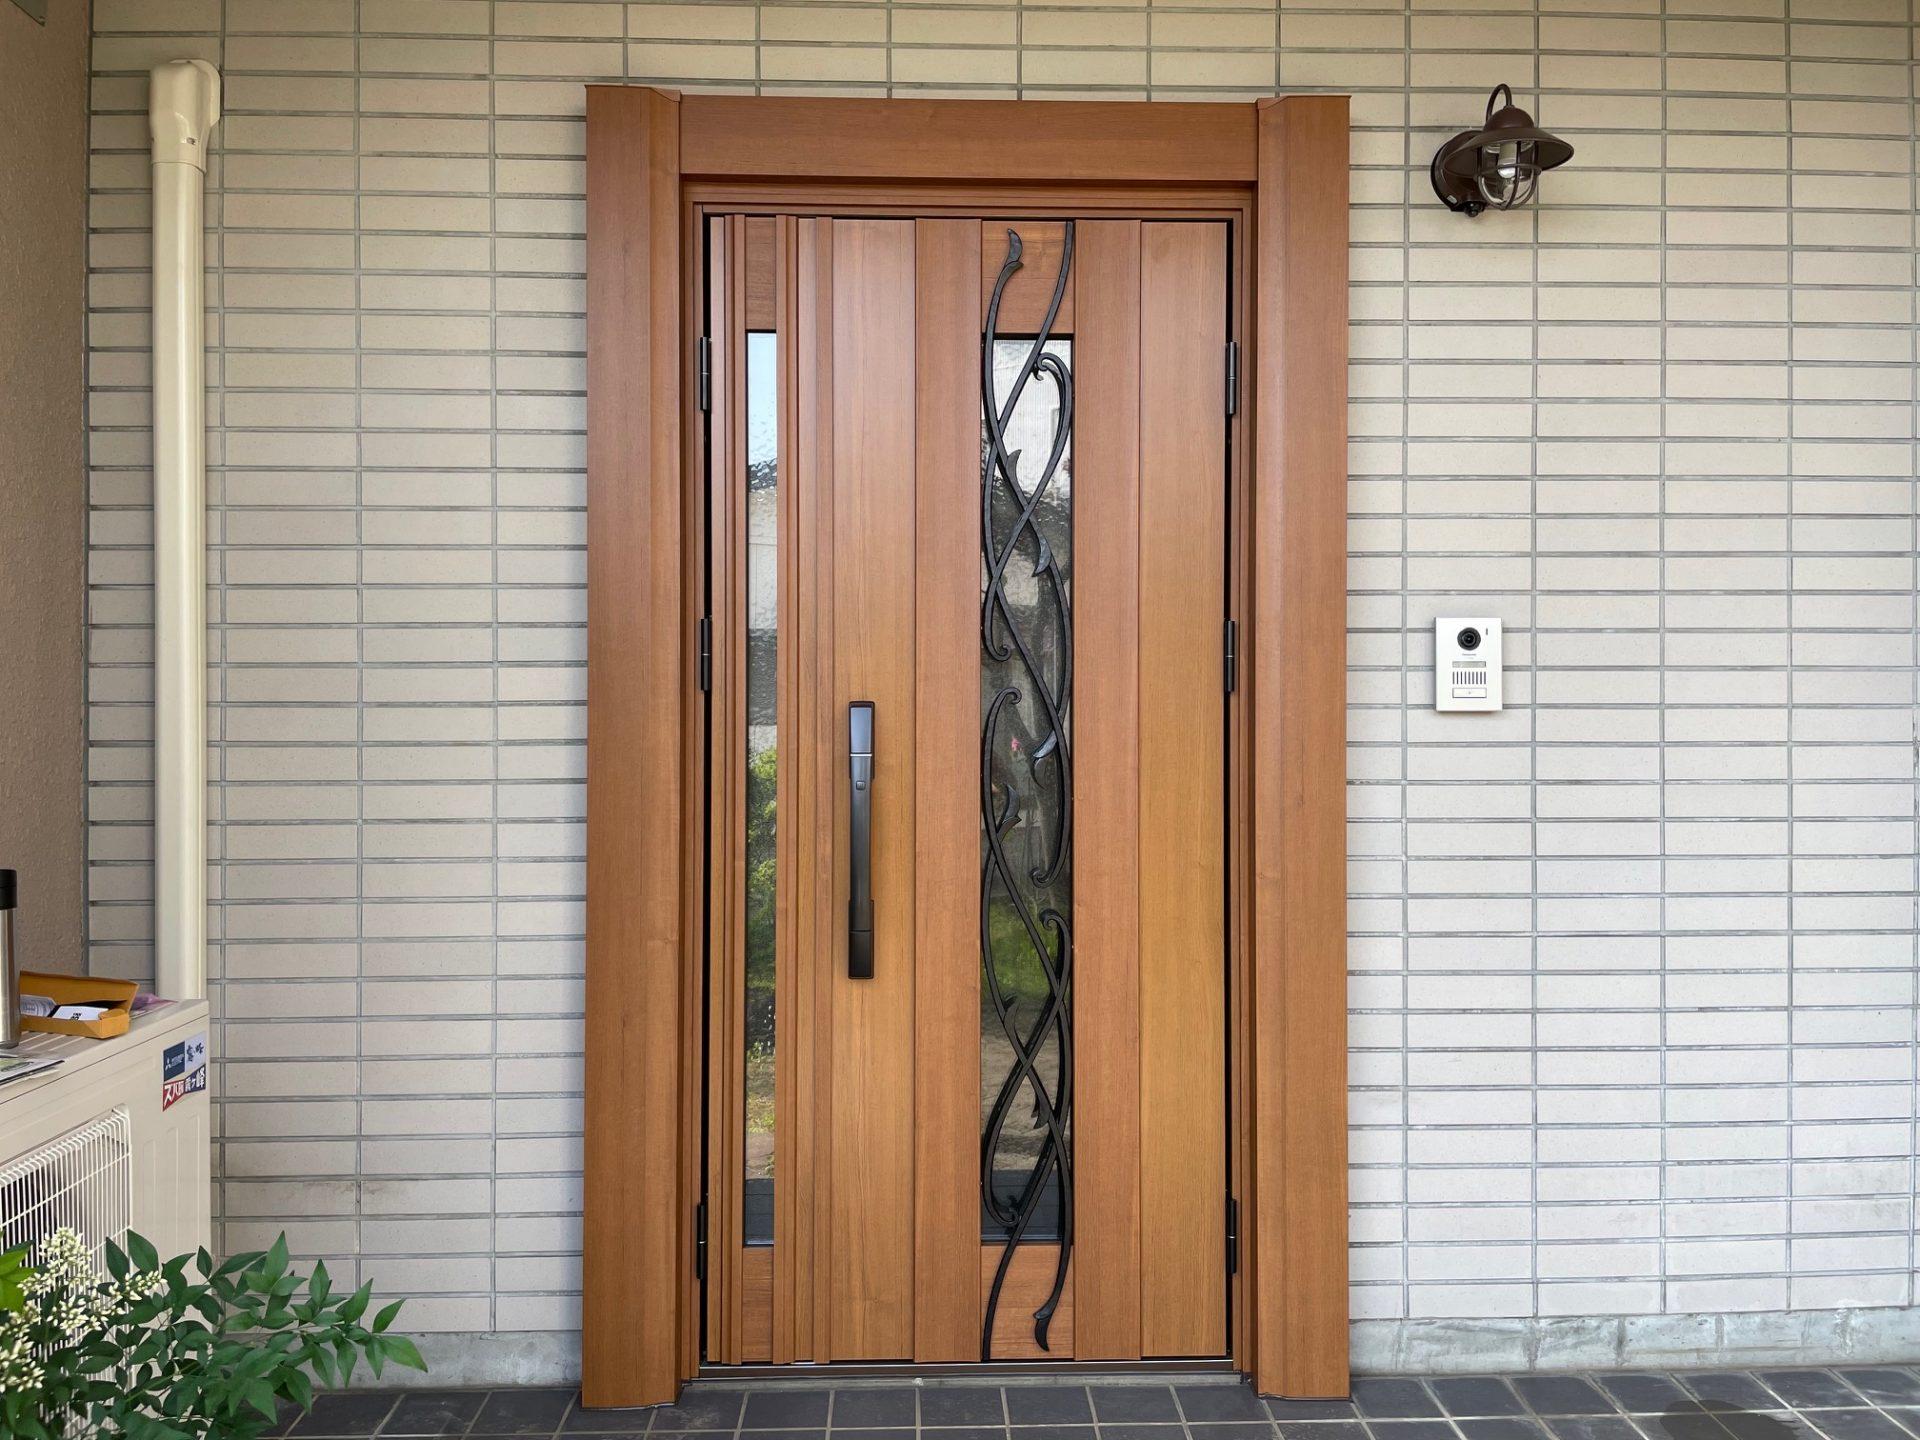 長岡市 玄関ドア交換工事~大きな額縁で重厚感ある玄関を演出!